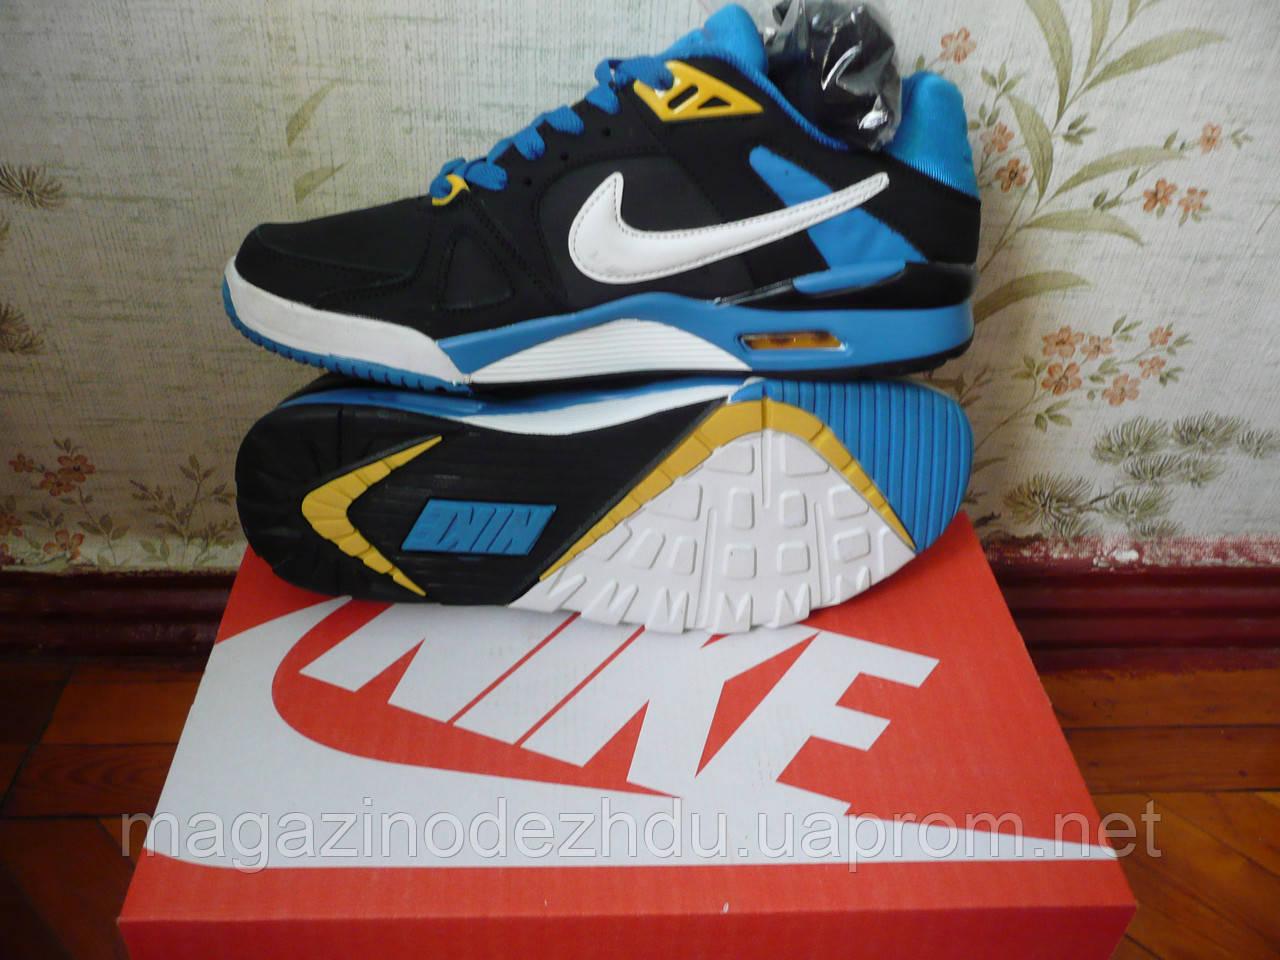 30af0d7b Купить мужские кроссовки Nike Air Max 87 в Киеве: продажа, цена в ...